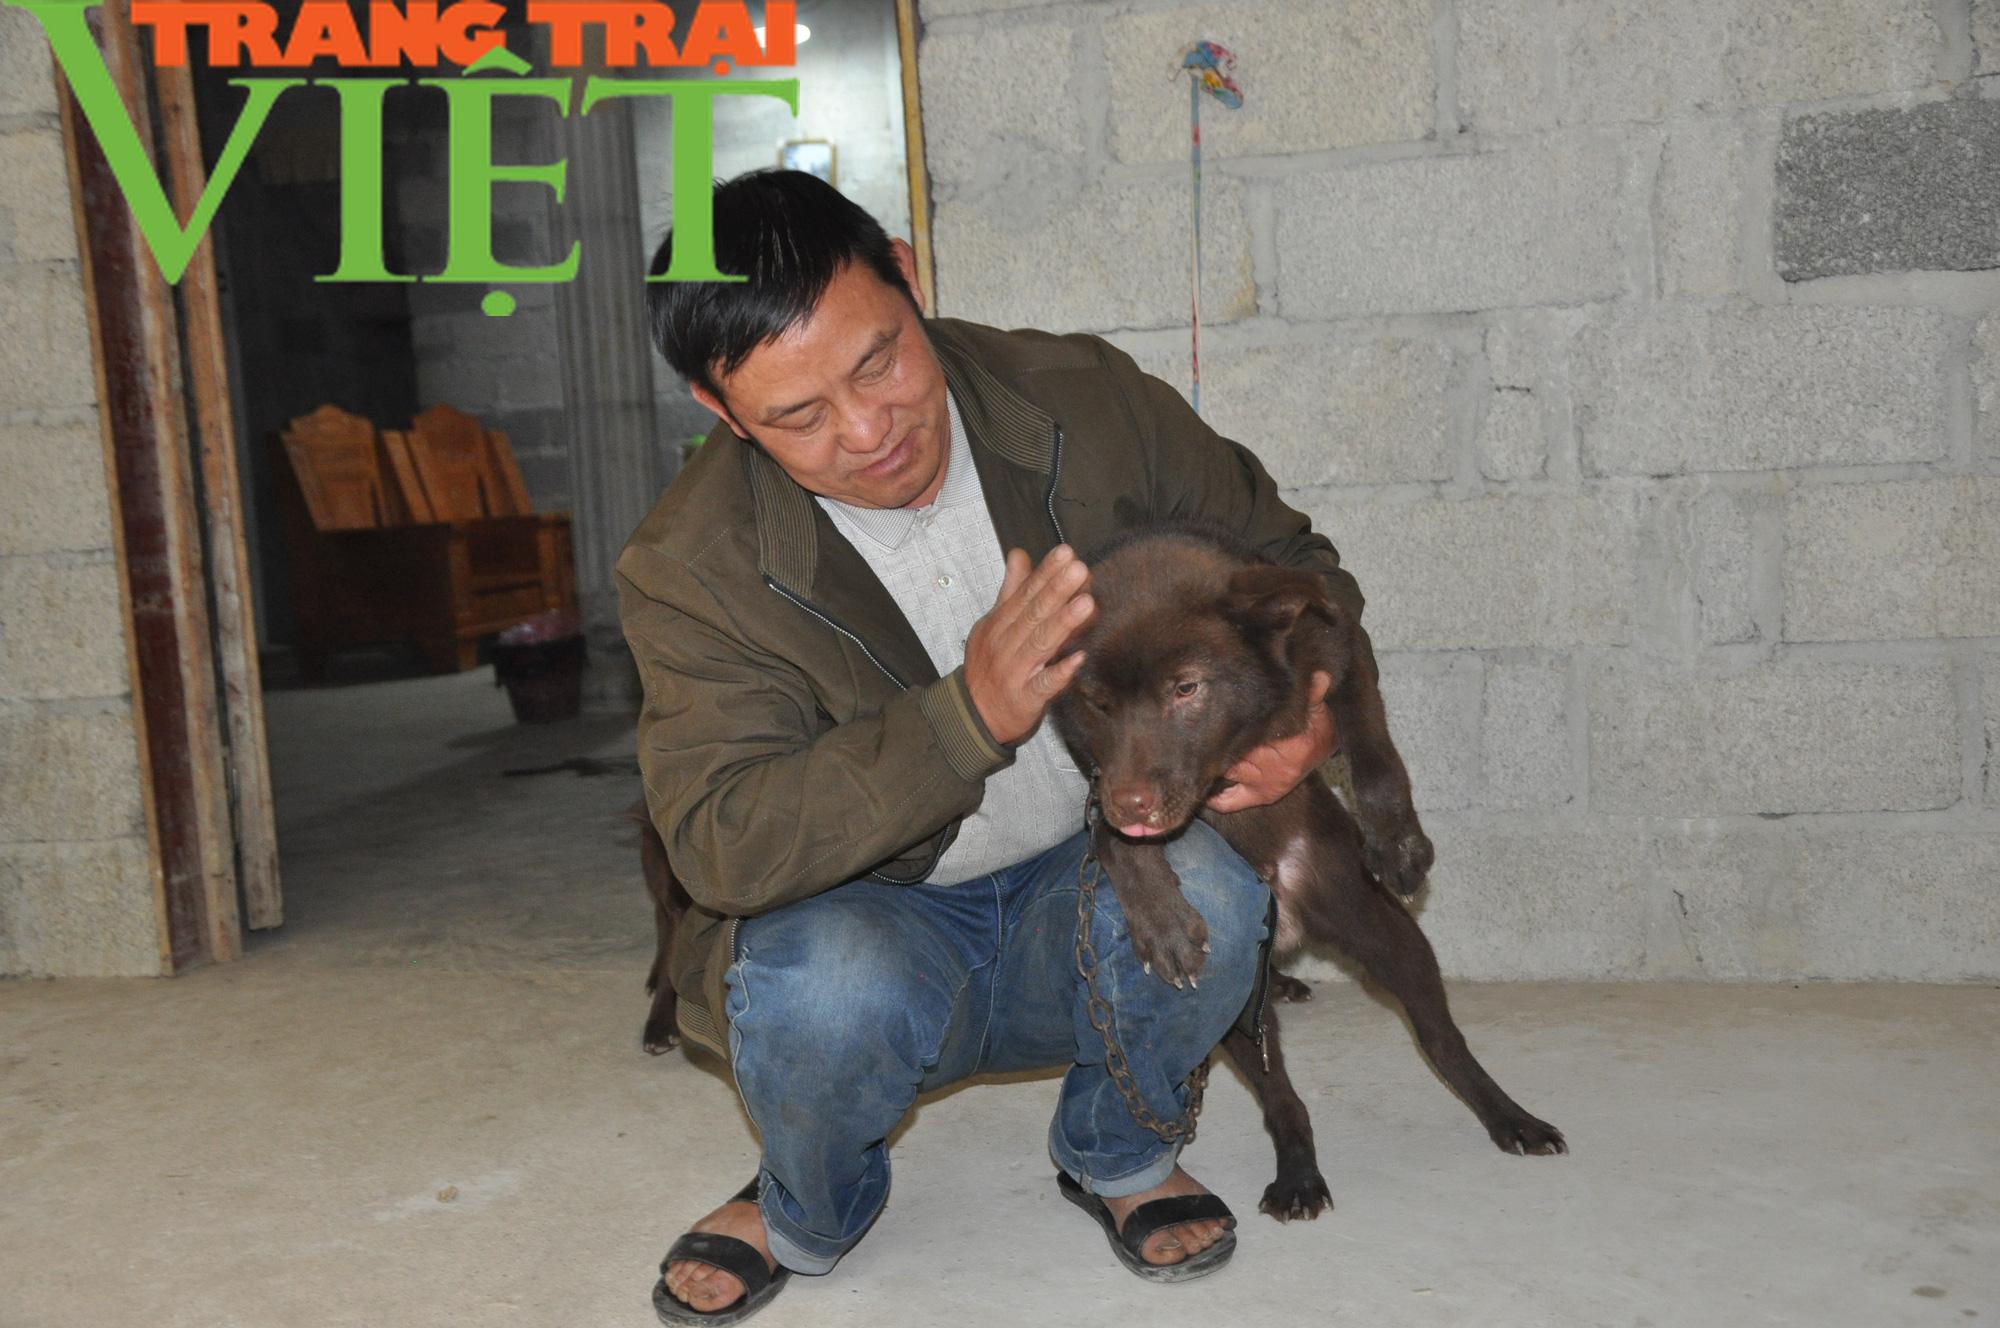 Chủ tịch Hội Nông dân Việt Nam gợi mở điều này giúp dân nuôi chó Mông Cộc ở Hà Giang làm giàu nhanh - Ảnh 1.